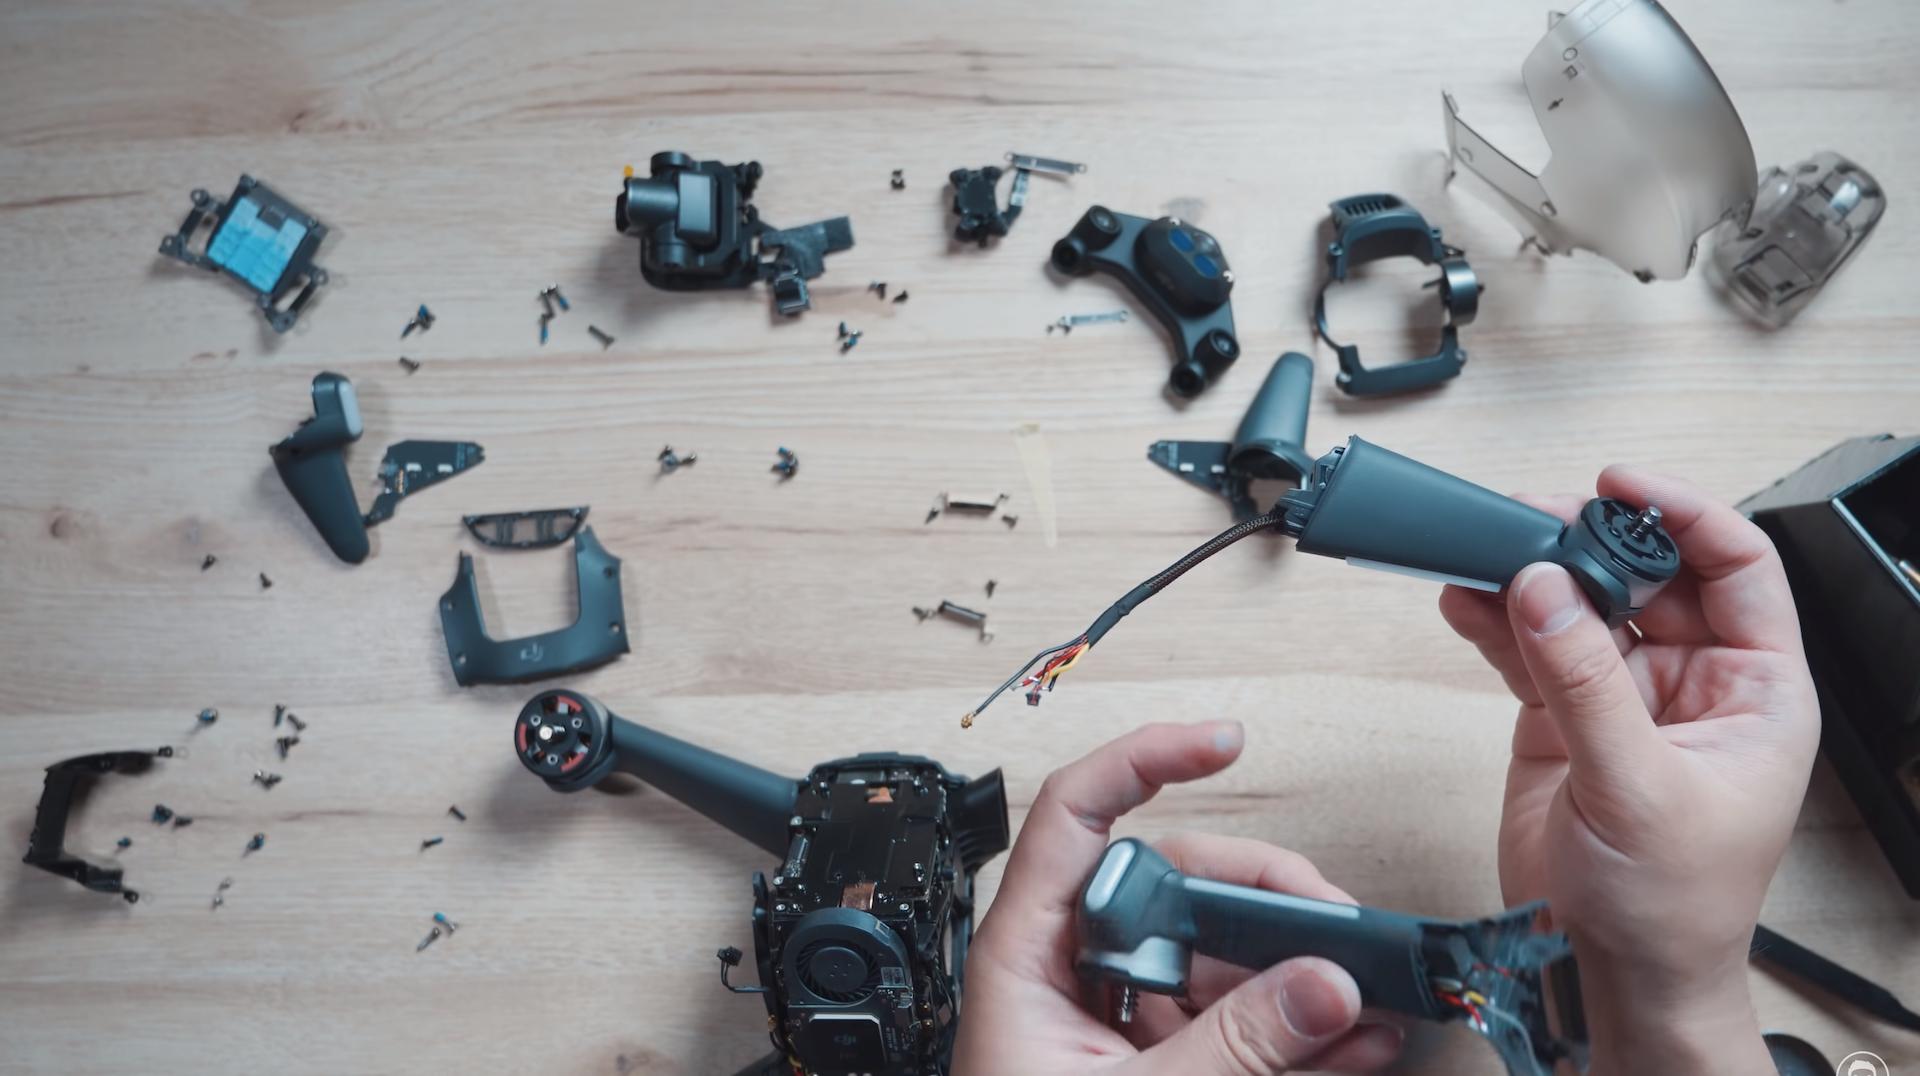 拆開 DJI FPV 無人機看看吧! 前臂、相機模組比想像中容易拆換